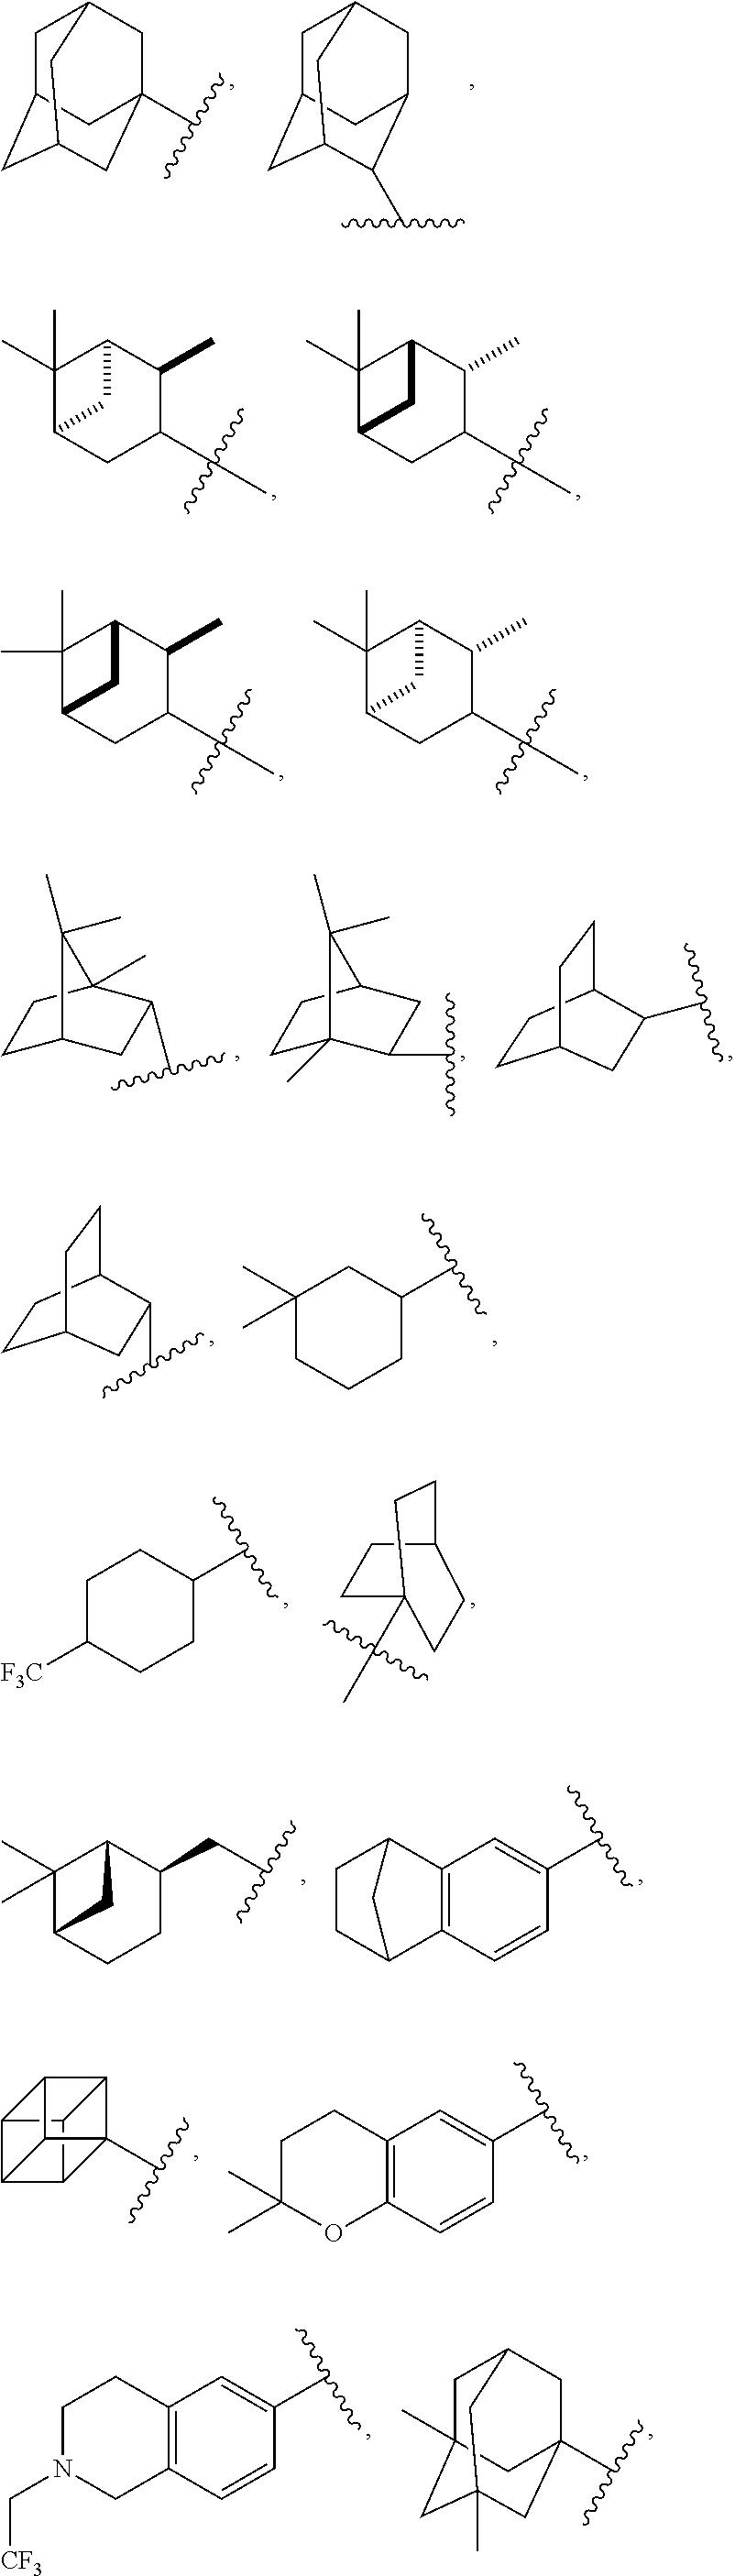 Figure US09771376-20170926-C00014